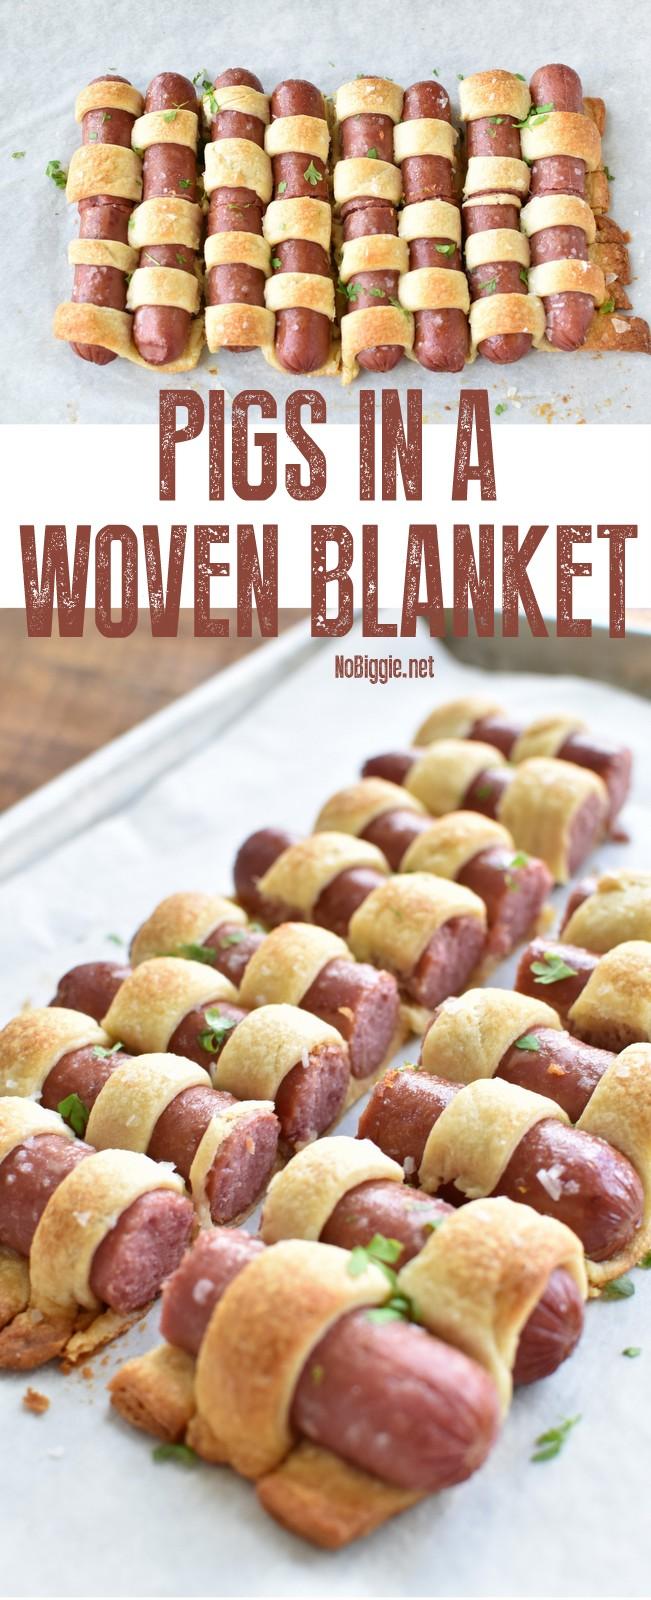 Pigs in a woven blanket | NoBiggie.net